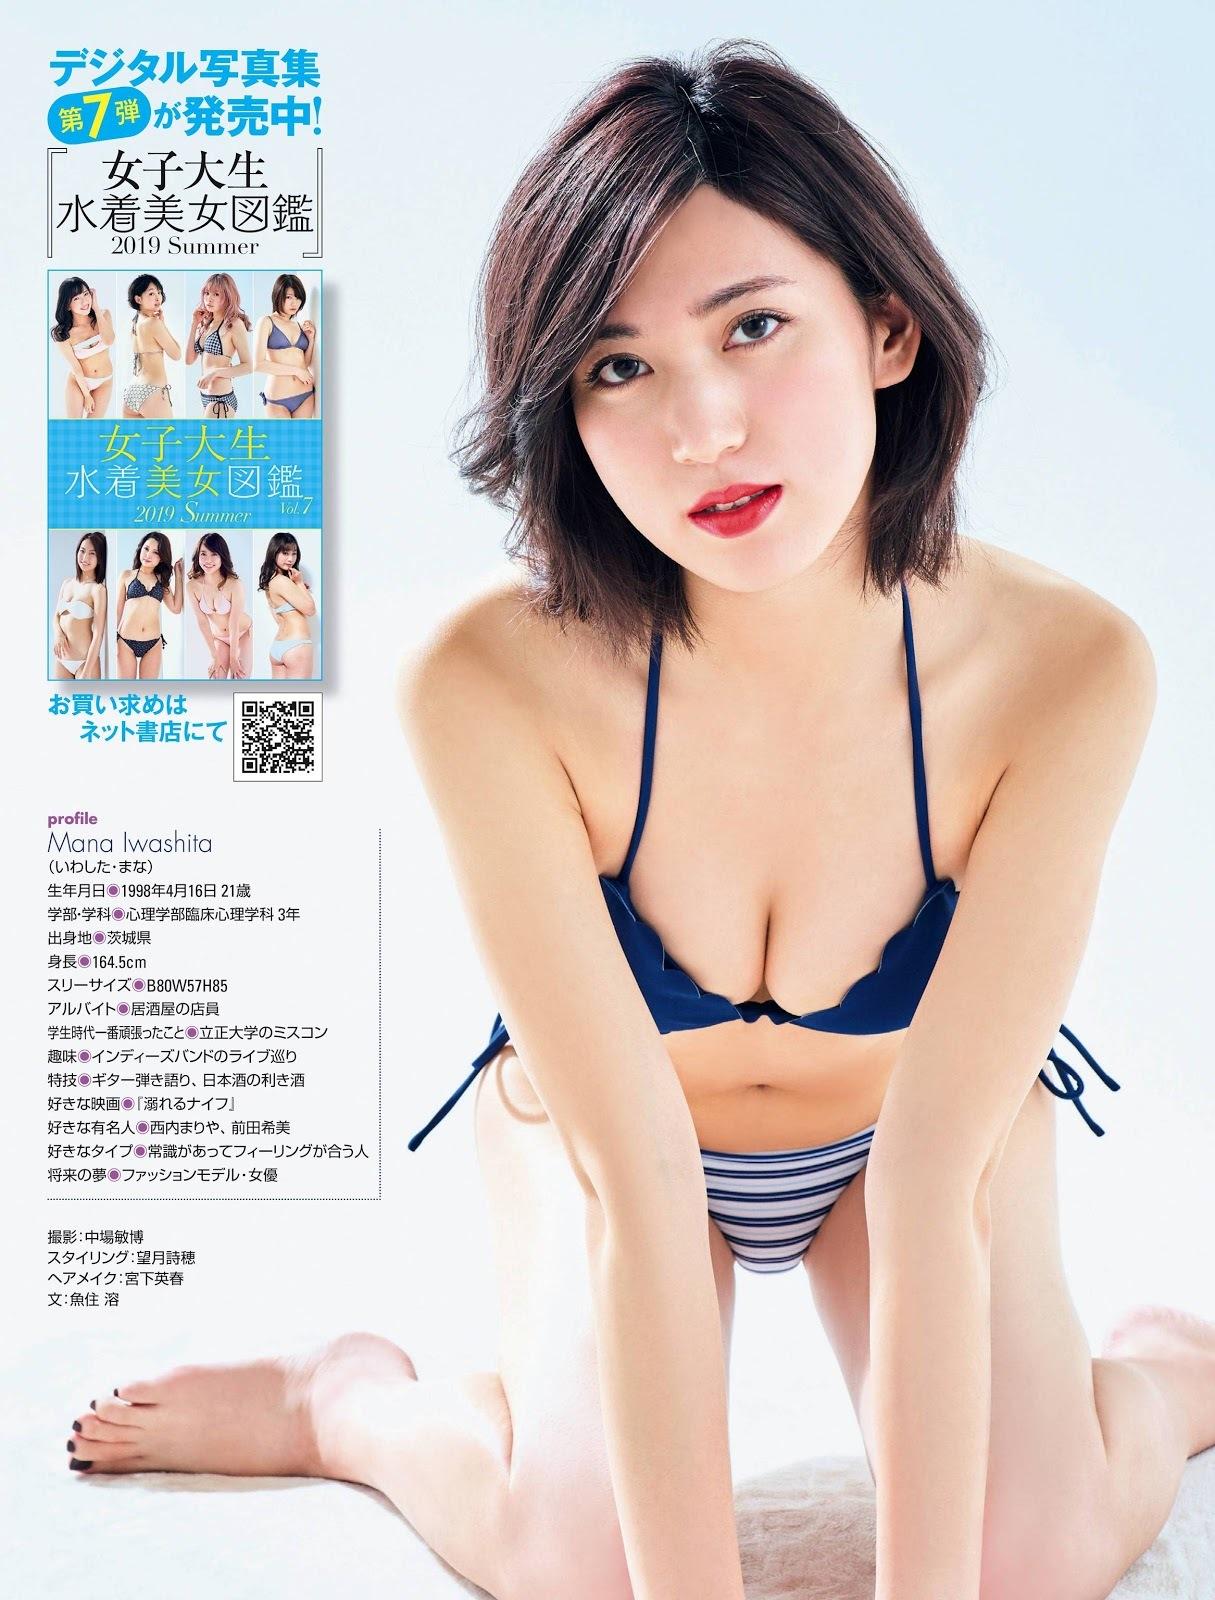 女子大生水着美女図鑑52